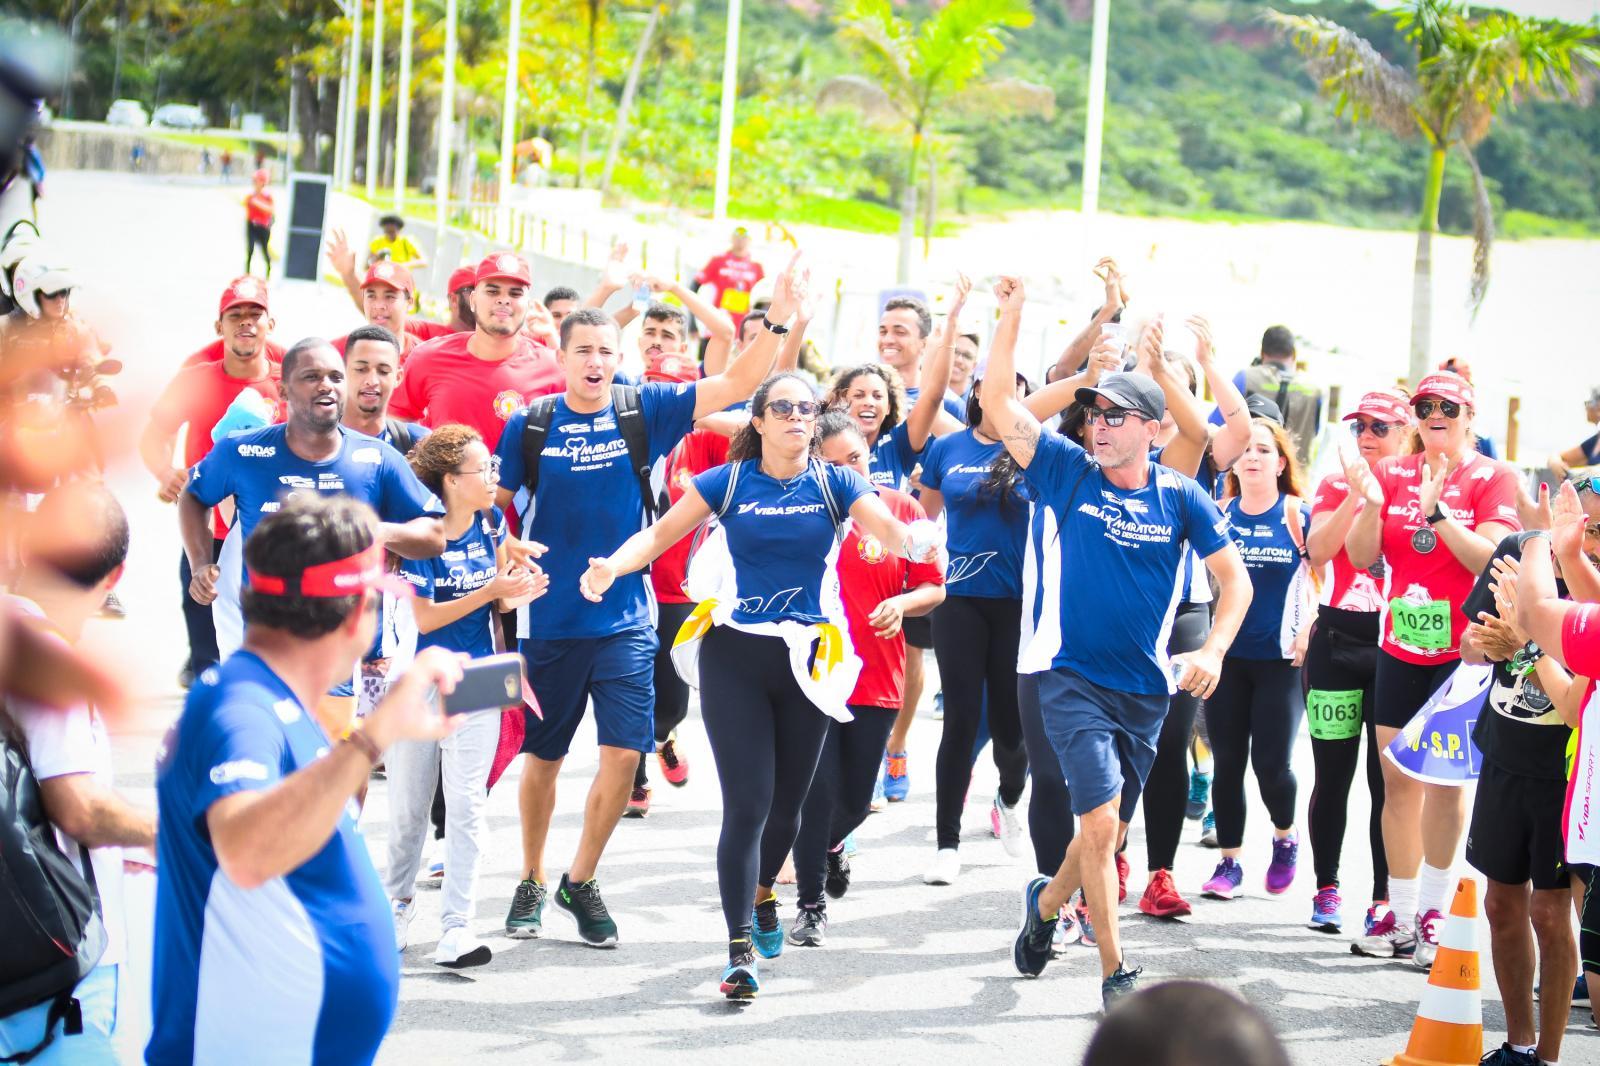 Meia Maratona do Descobrimento terá diversos atrativos para os corredores